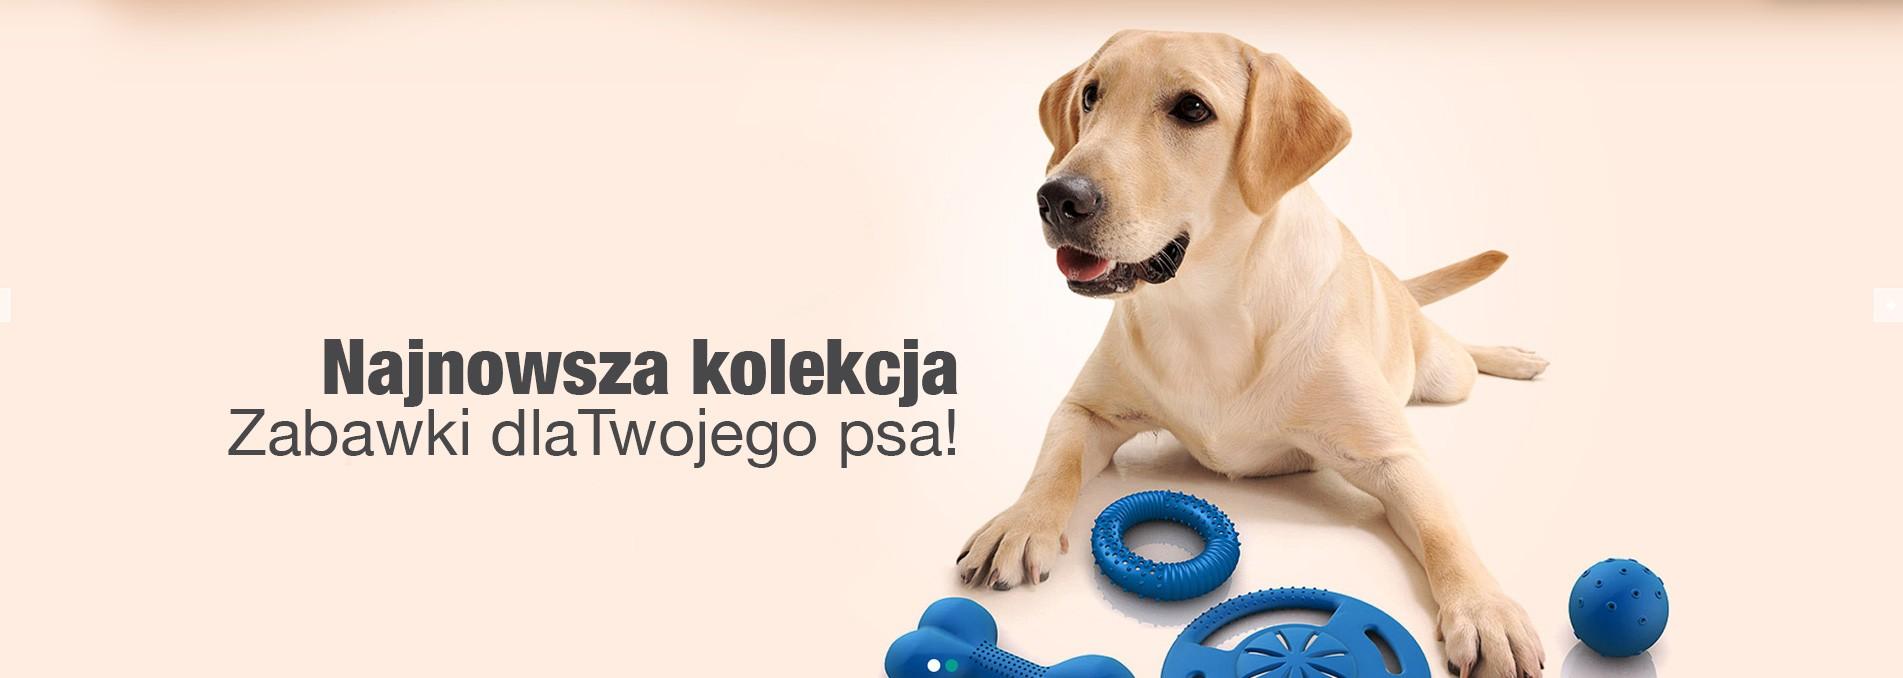 najnowsza-kolekcja-zabawki-dla-psa